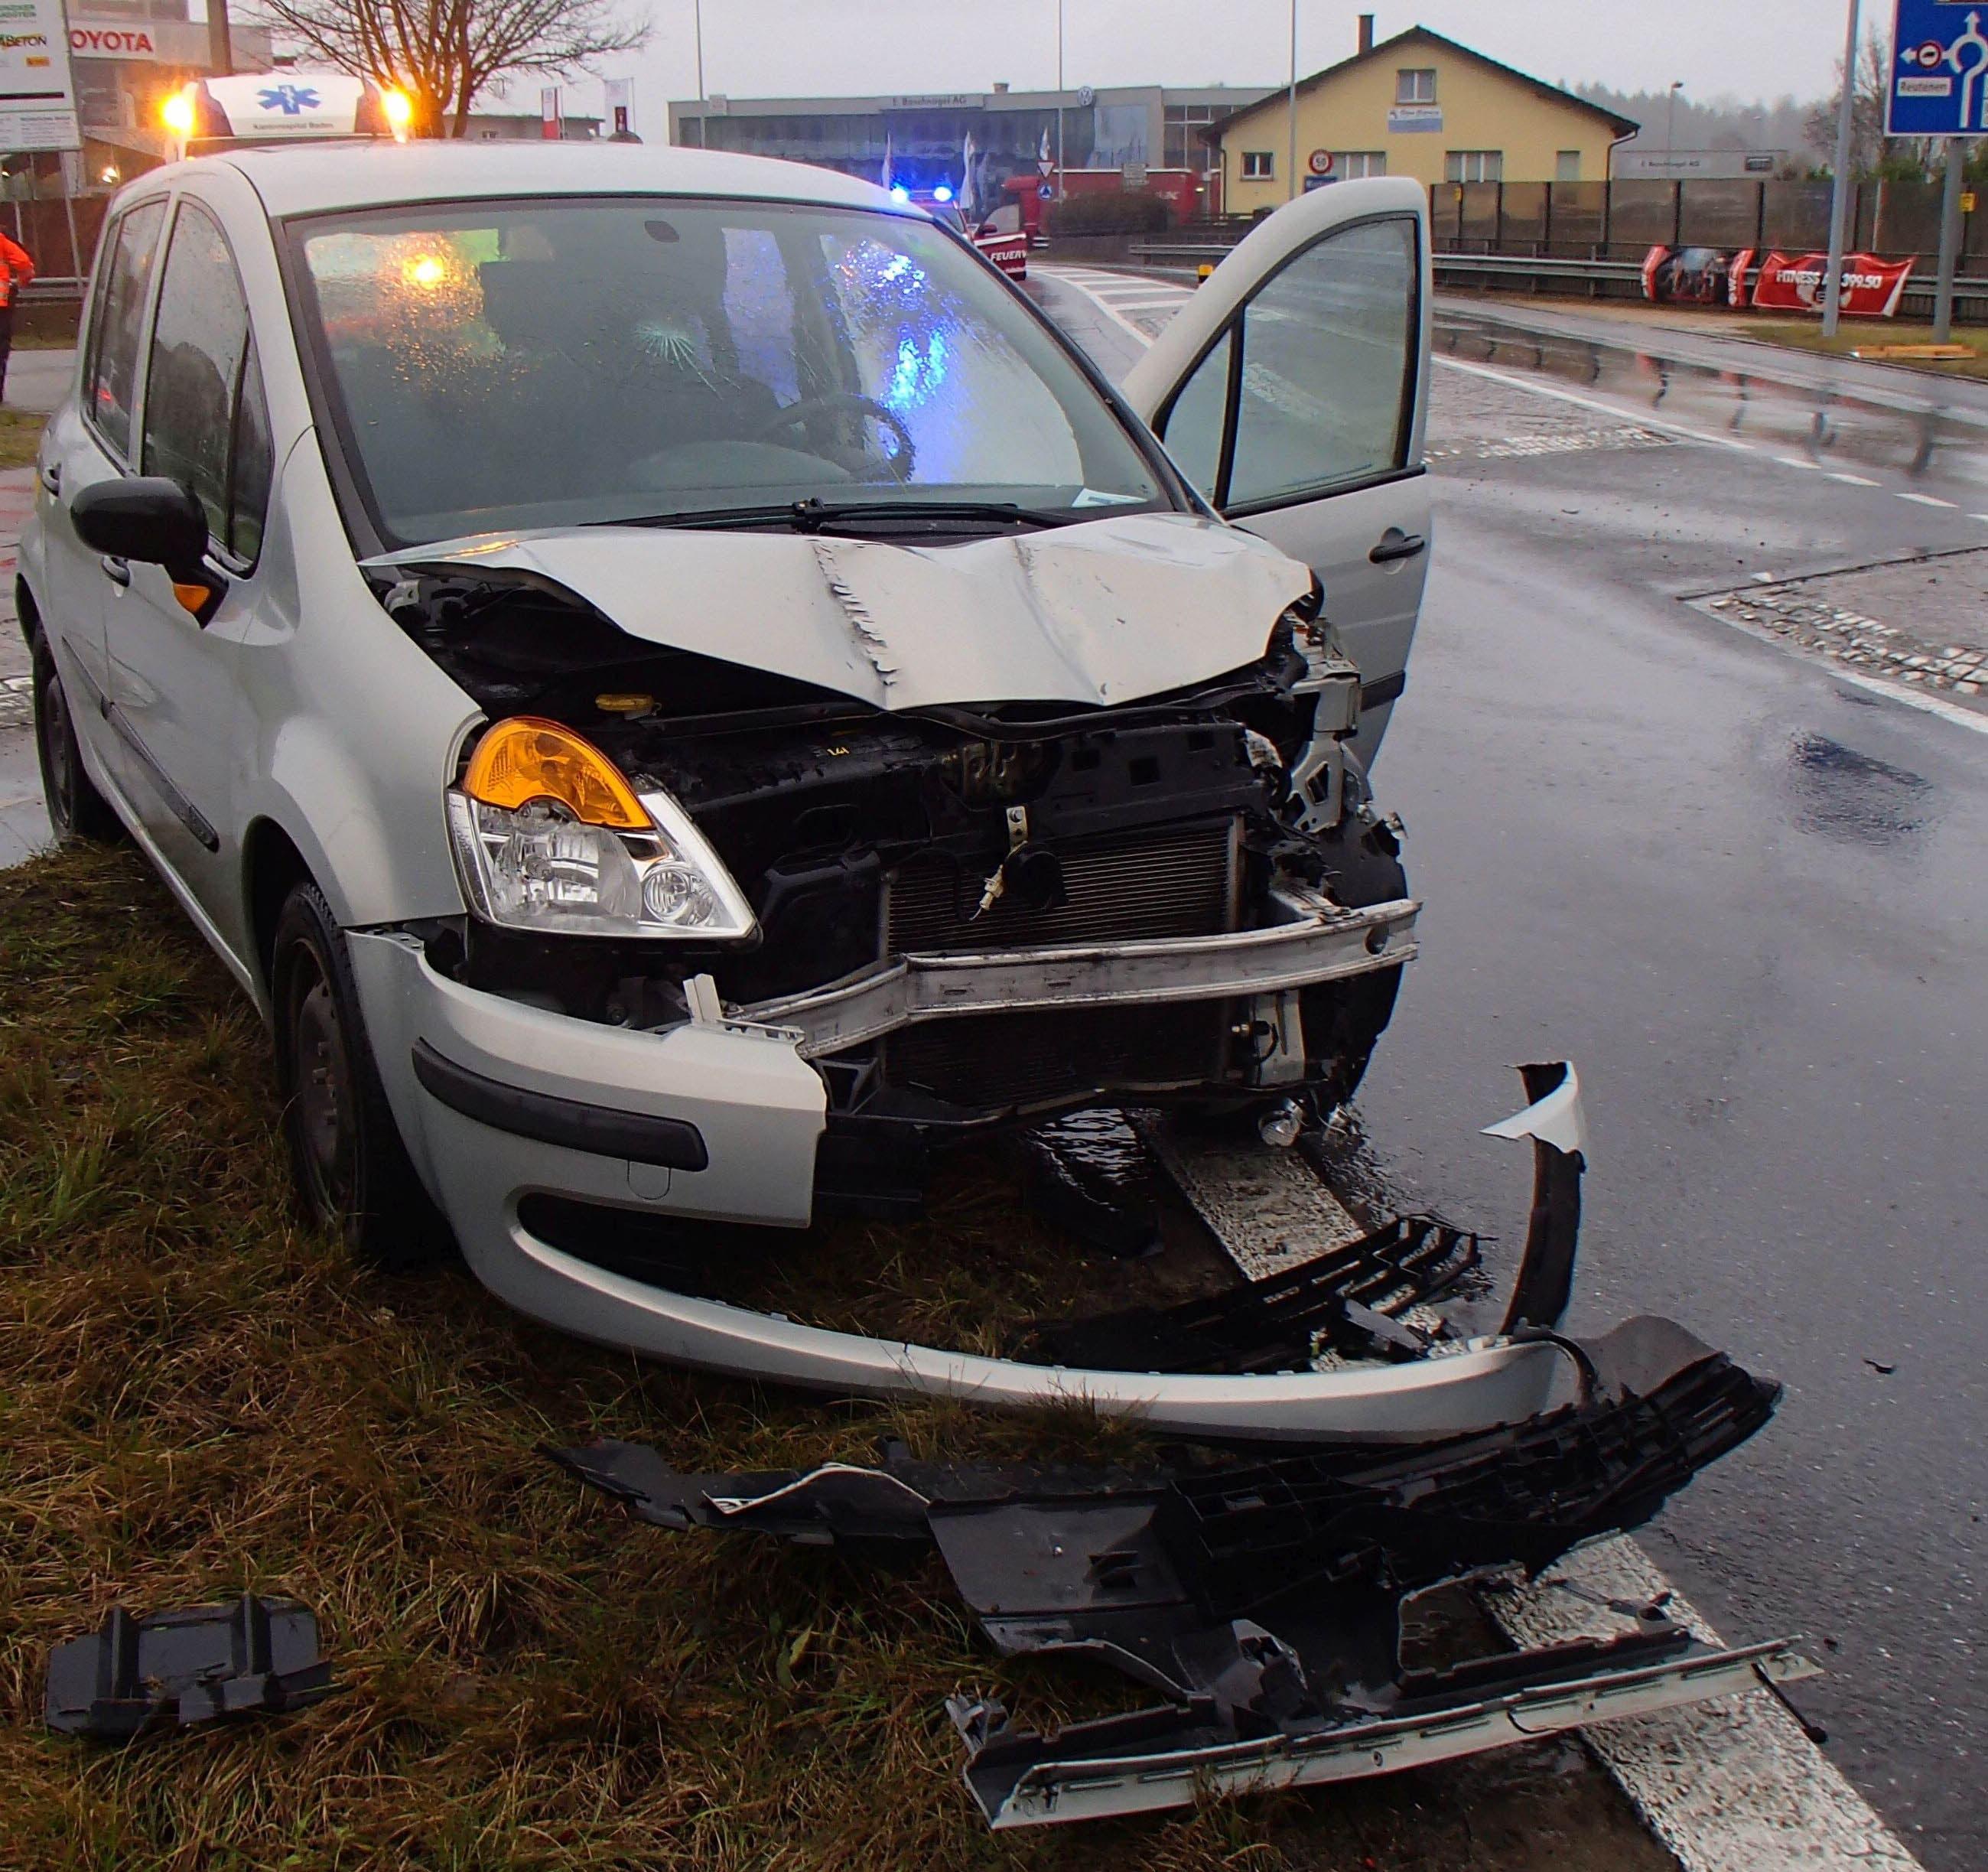 ... und ein entgegenkommendes Auto kollidierte in der Folge mit dem Anhänger.